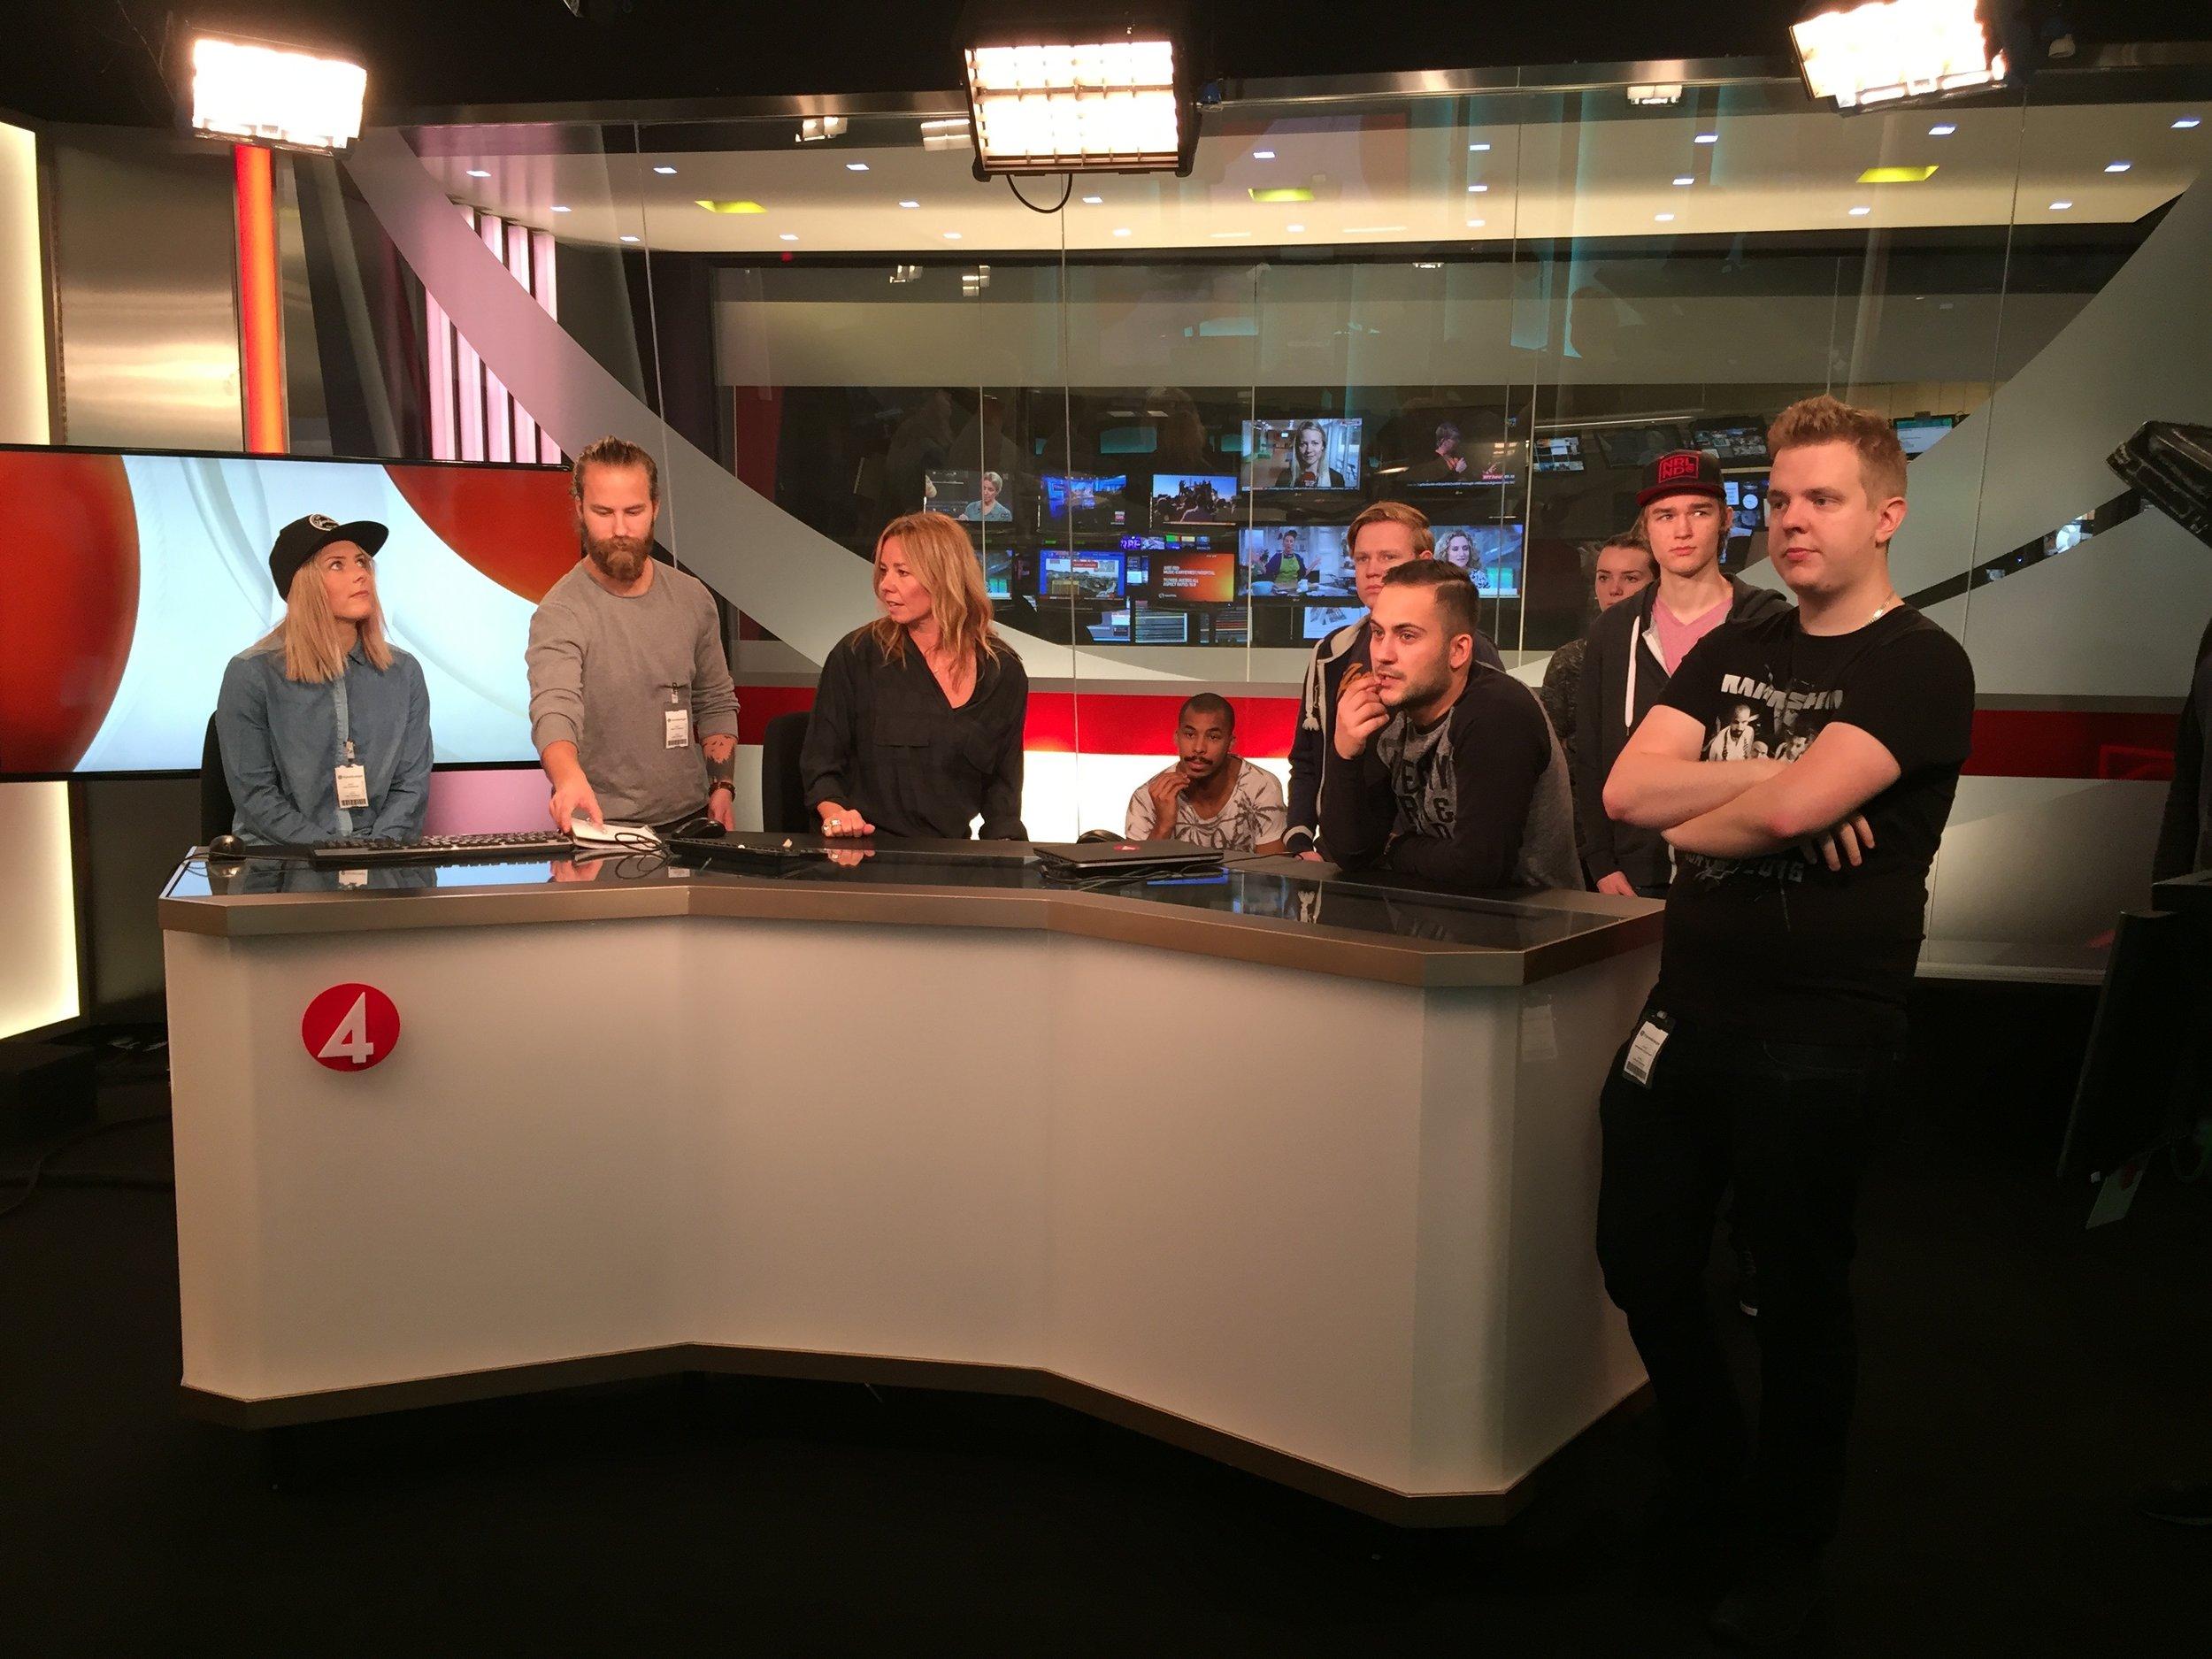 Studiebesök på TV4 i en av deras nyhetsstudior. Från vänster Lisa Johansson, Martin Lindgren, Lotta Axelsson, Zacharias Jackson, Lukas Wallin, Joakim Sörensen, Julia Lorenz, Gabriel Bjuhr och Sebastian Hyyrynen.